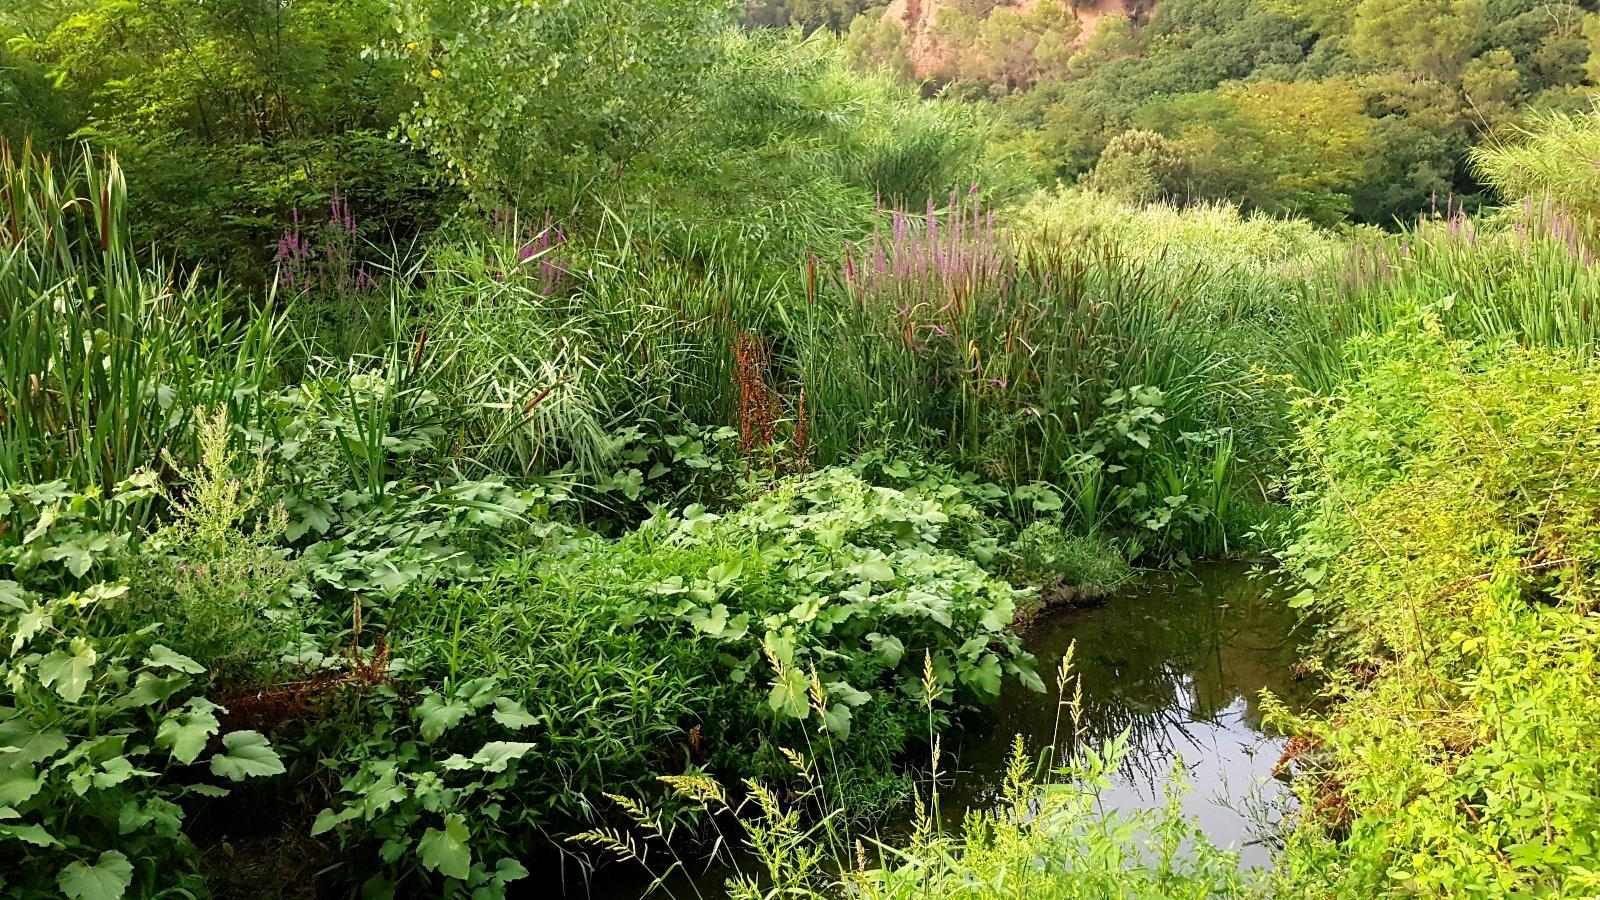 Coneix el nostre riu: el Riu Ripoll!